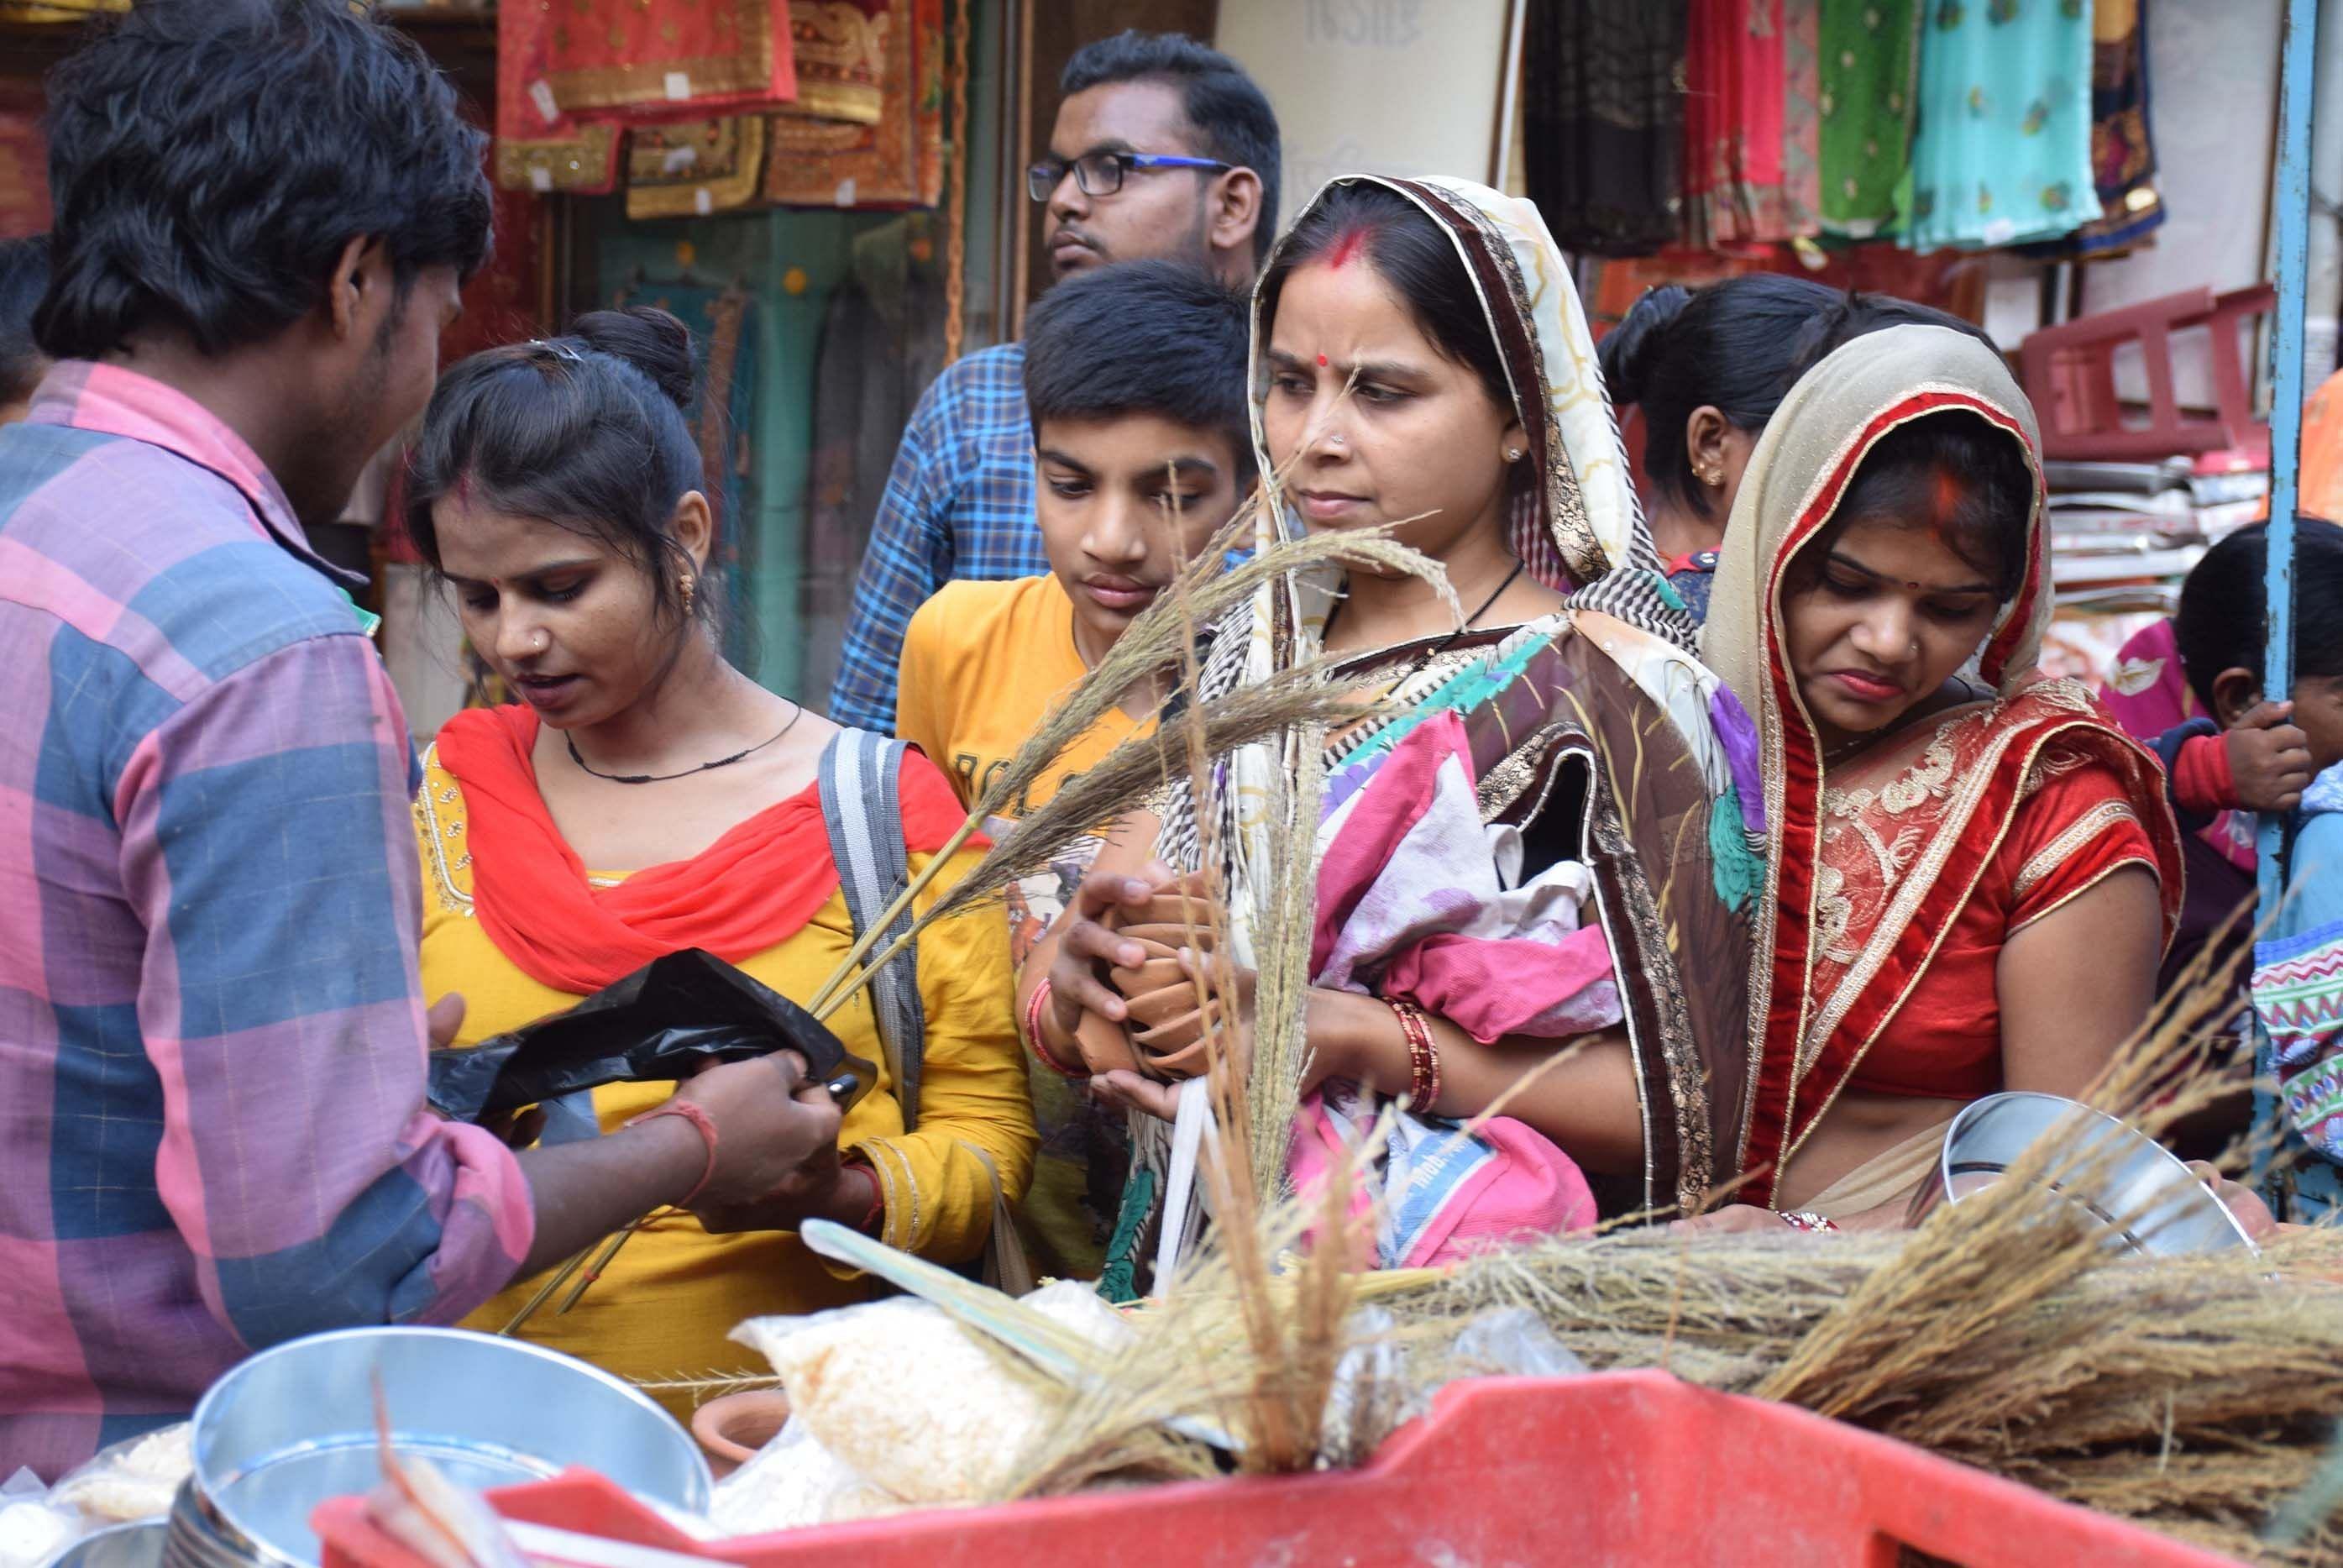 आजाद पार्क के बगल लगी दुकानों पर करवा चौथ की तैयारी को पूजन के सामान खरीदती महिलाएं।